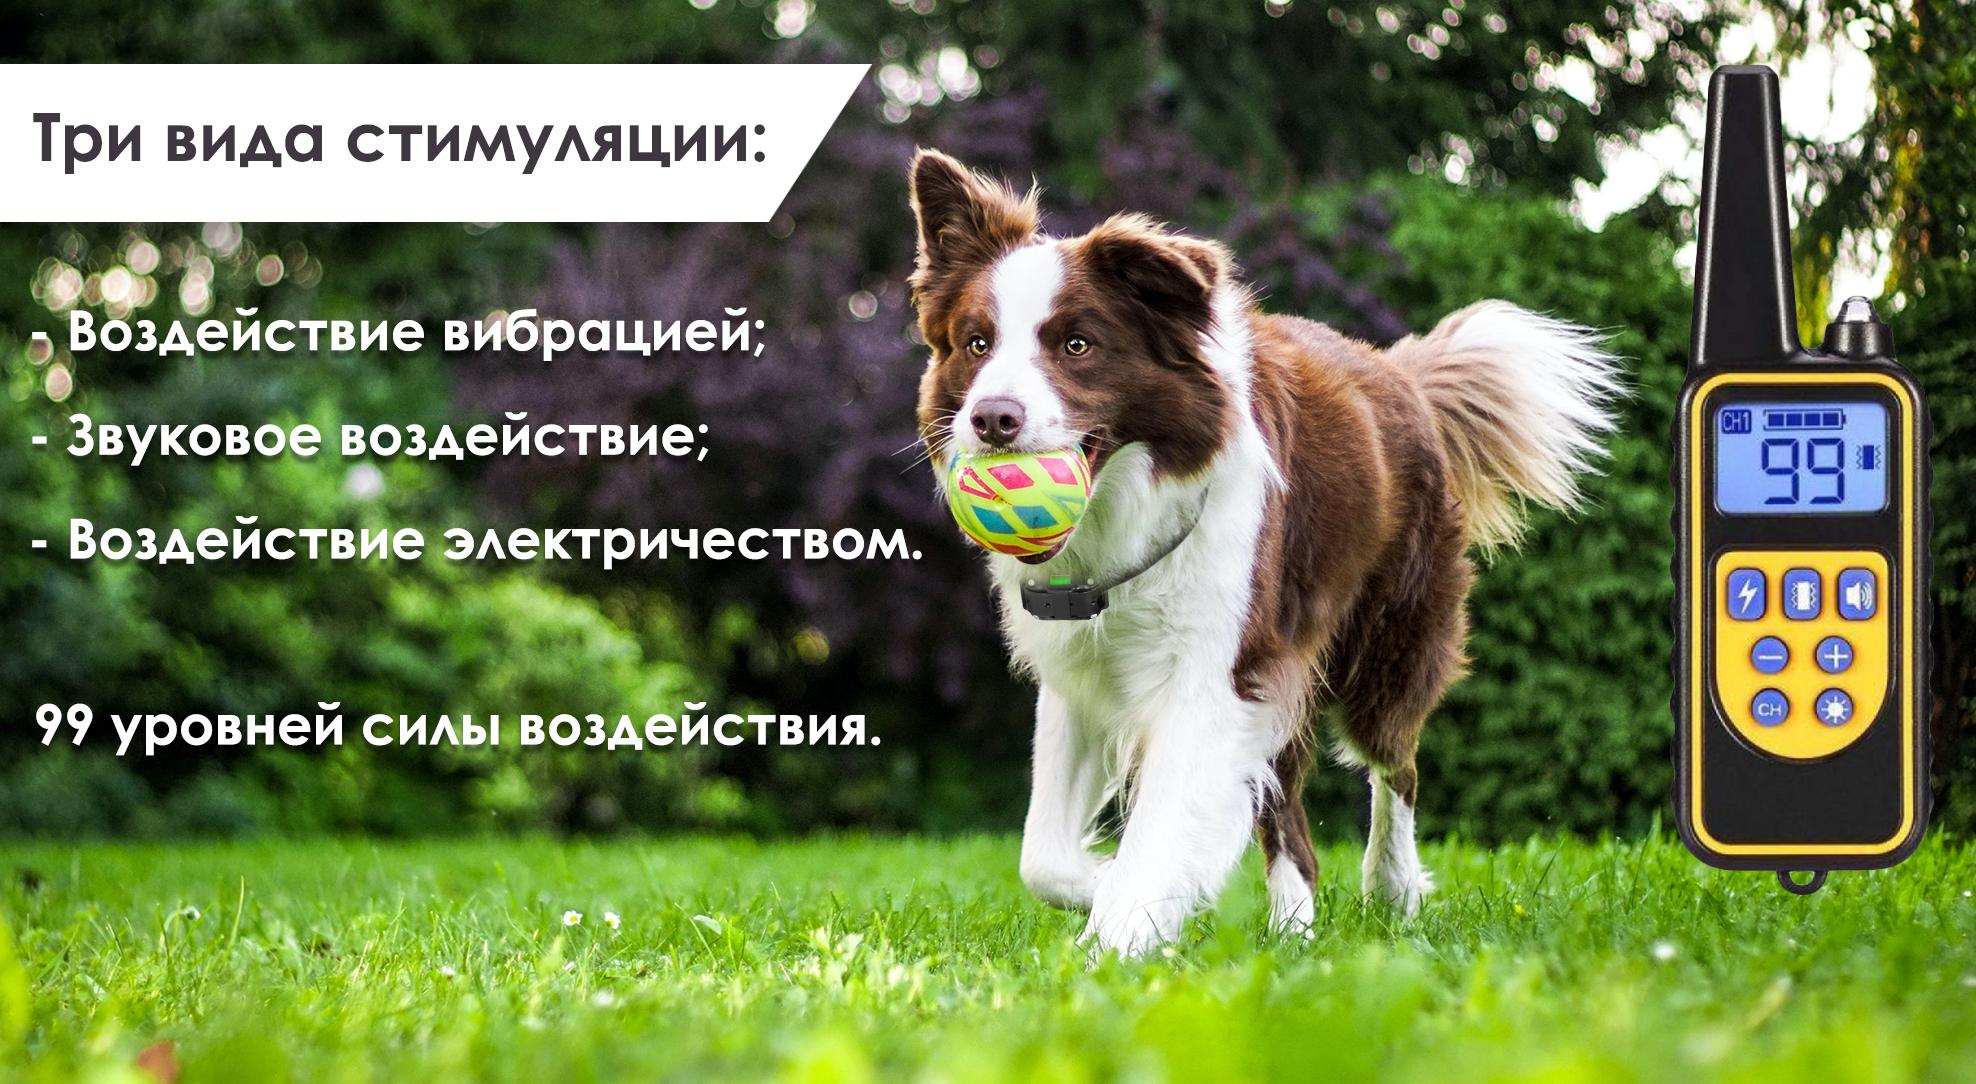 Послушная собака без вредных привычек